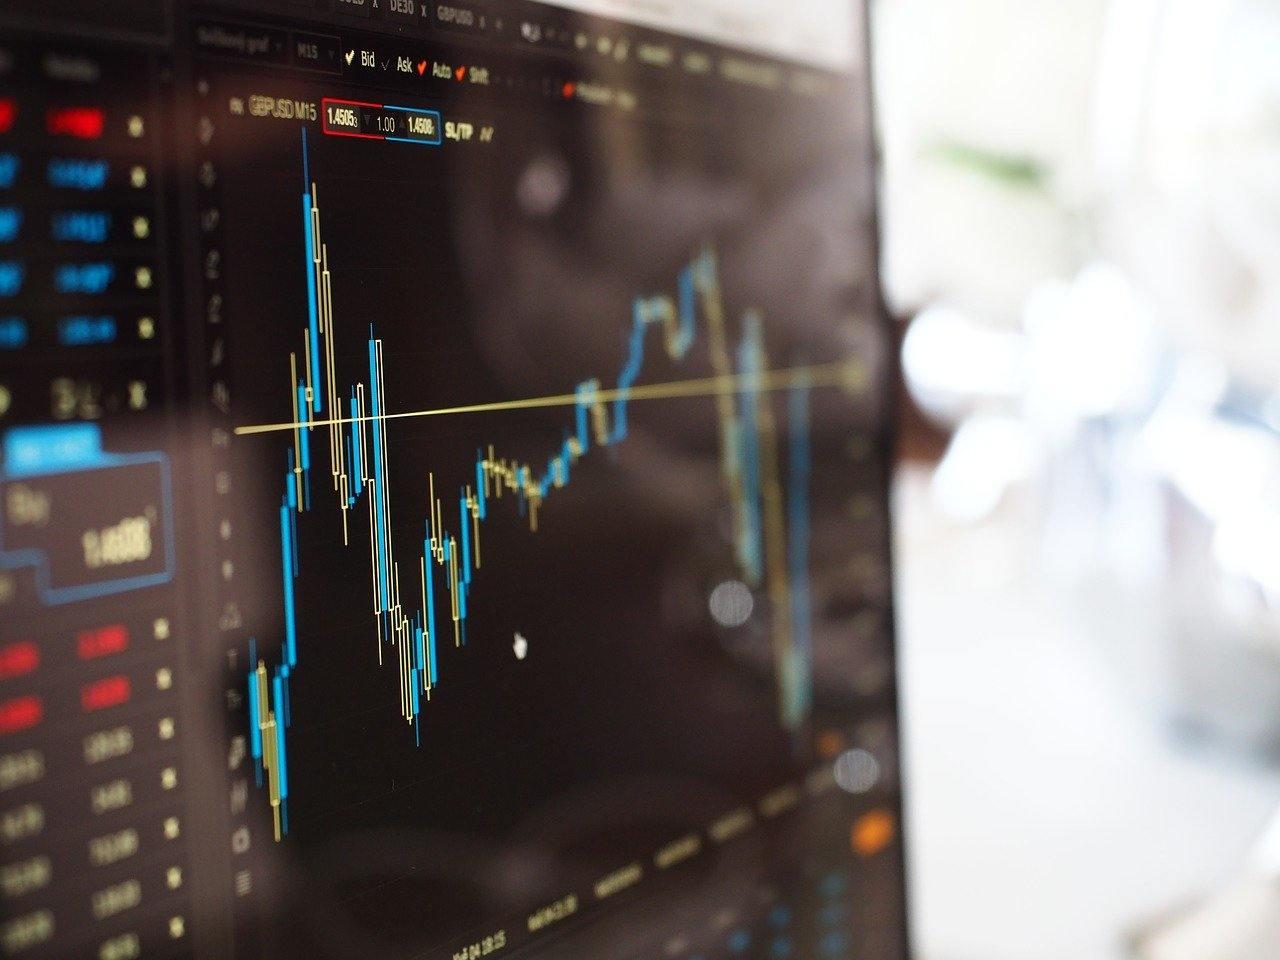 forex-operar-negociar-investir-plataforma-corretora-online